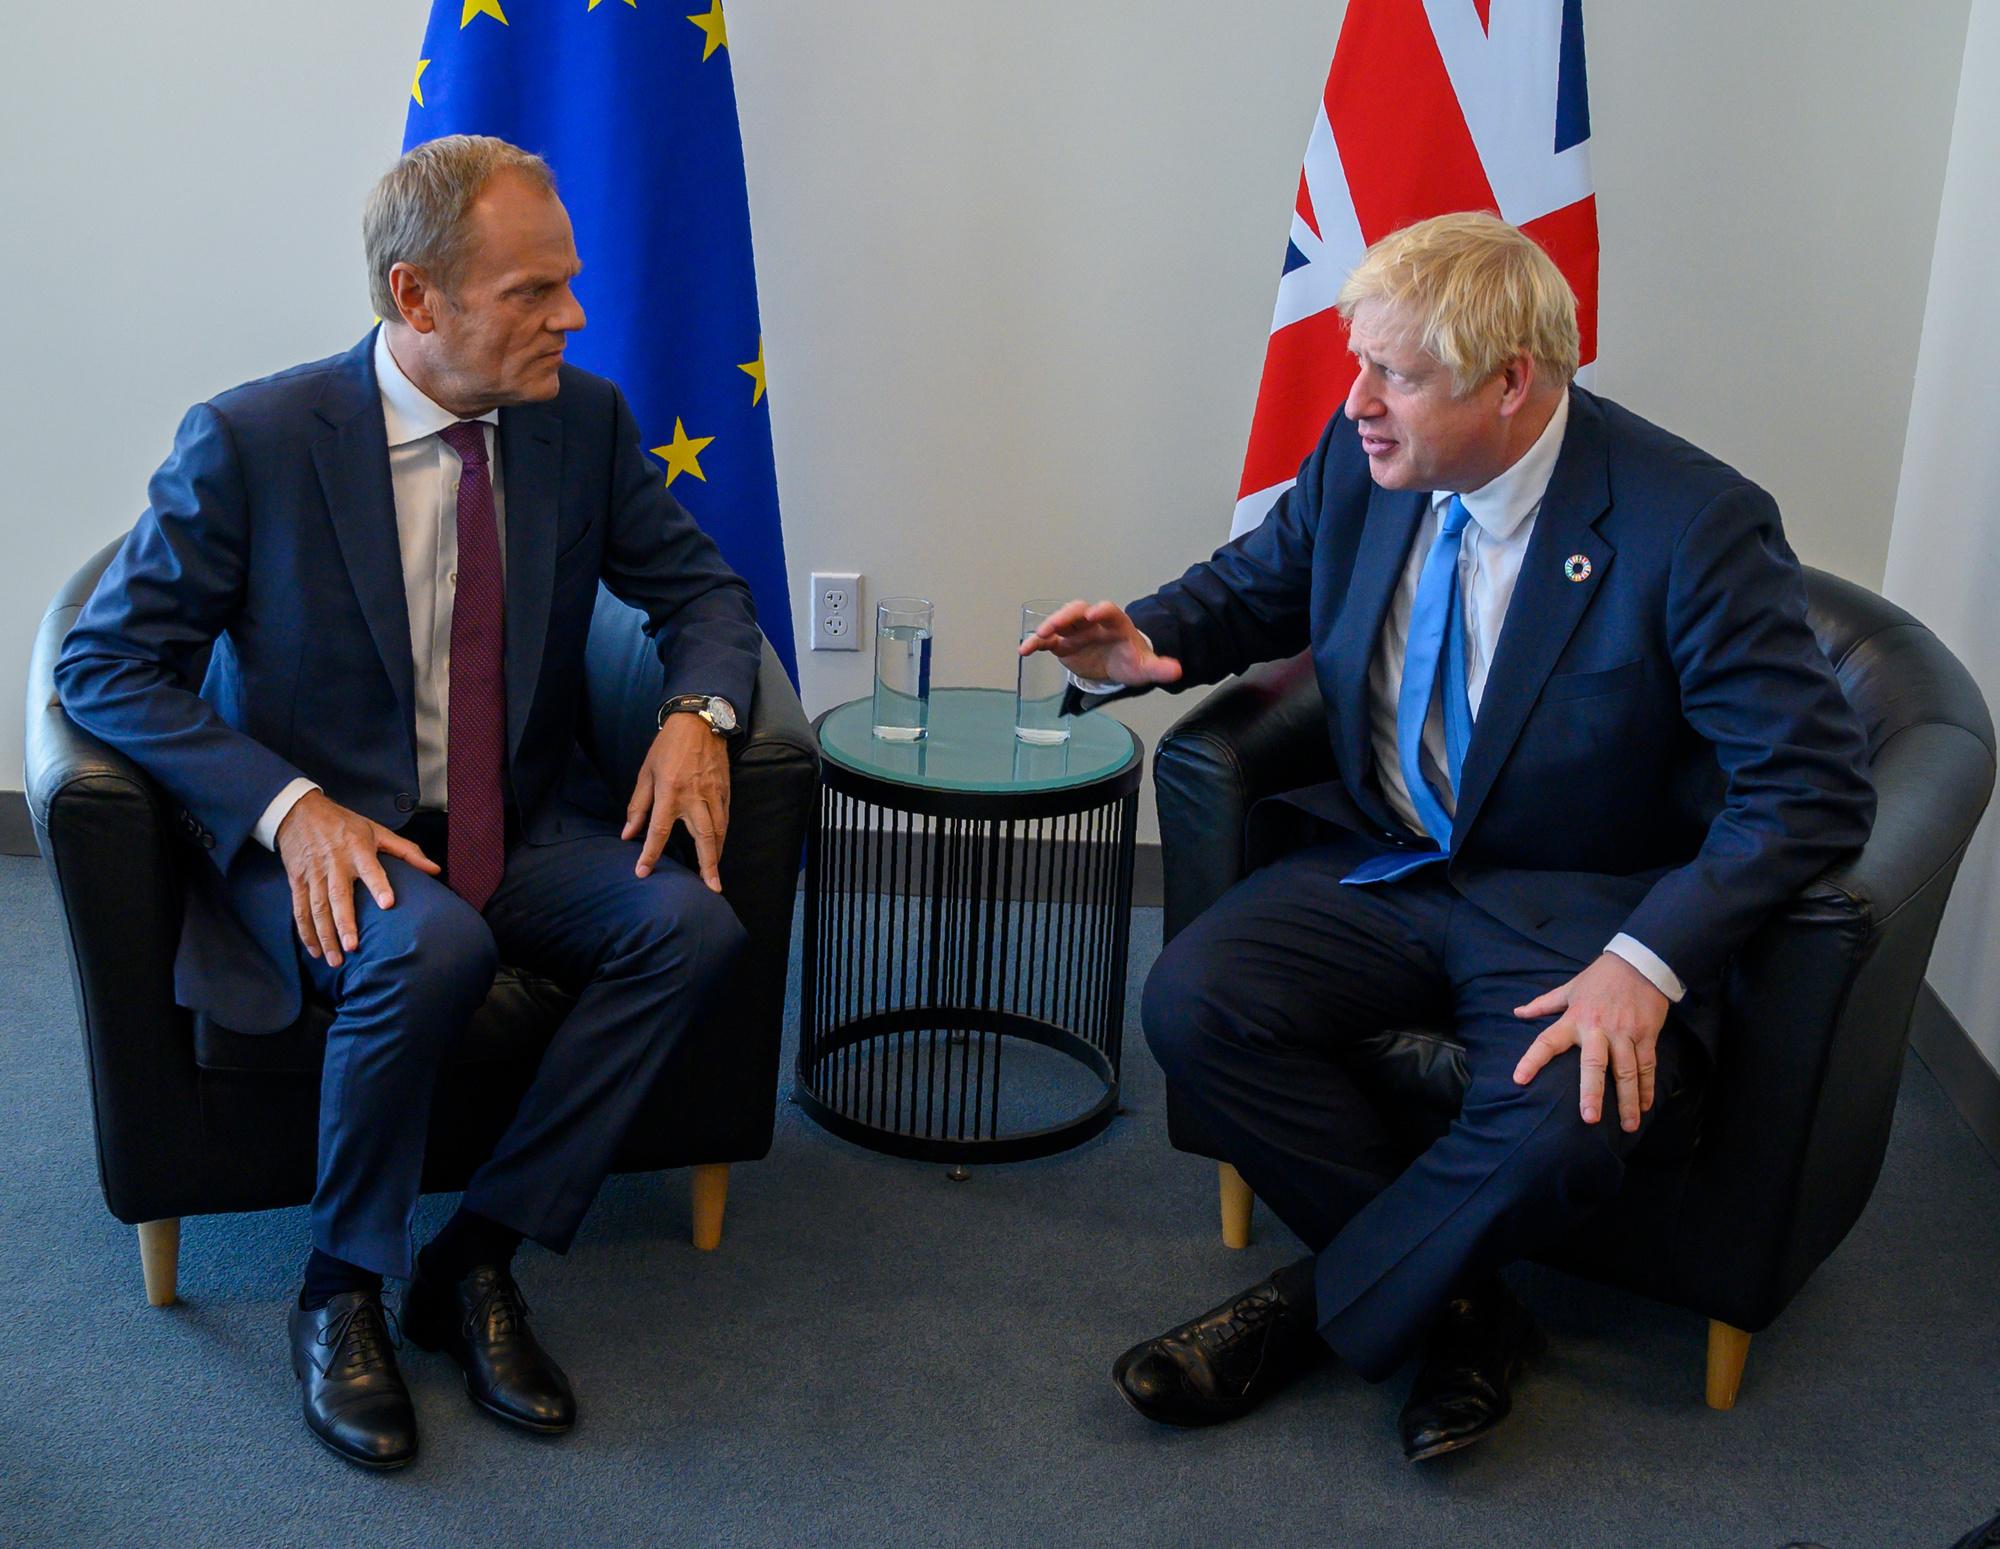 Le Premier ministre britannique Boris Johnson et le président du Conseil européen Donald Tusk (archives), BELGAIMAGE